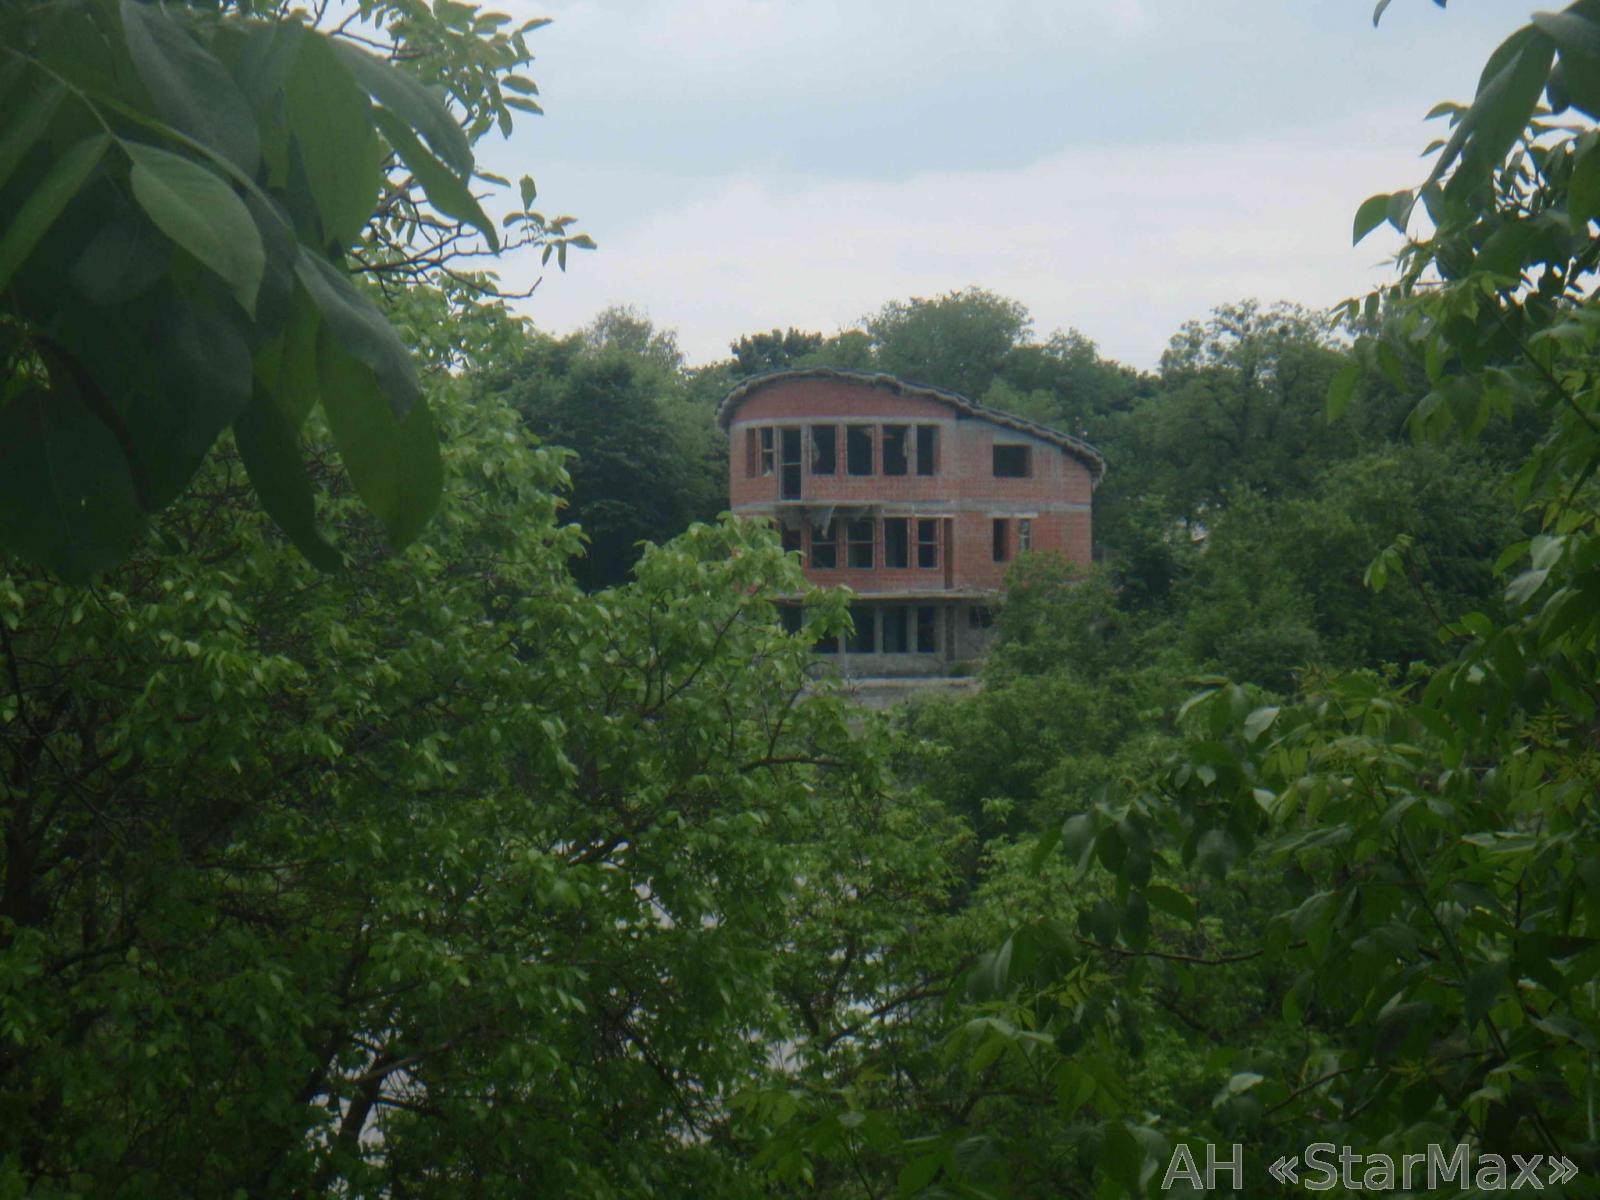 Фото 2 - Продам участок под застройку жилой недвижимости Киев, Хортицкий пер.